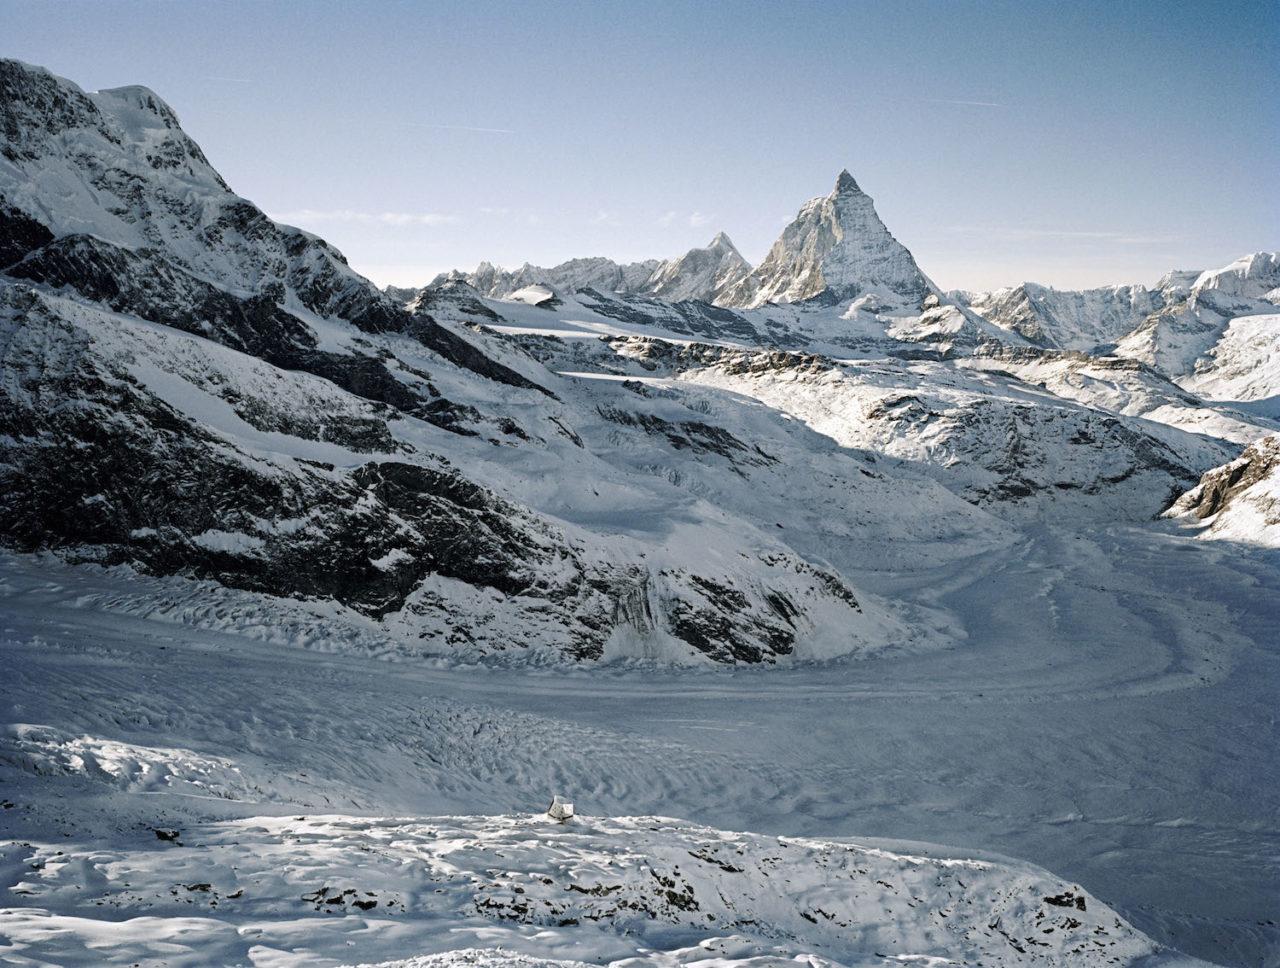 monte_rosa_hut_zermatt_switzerland_glacier